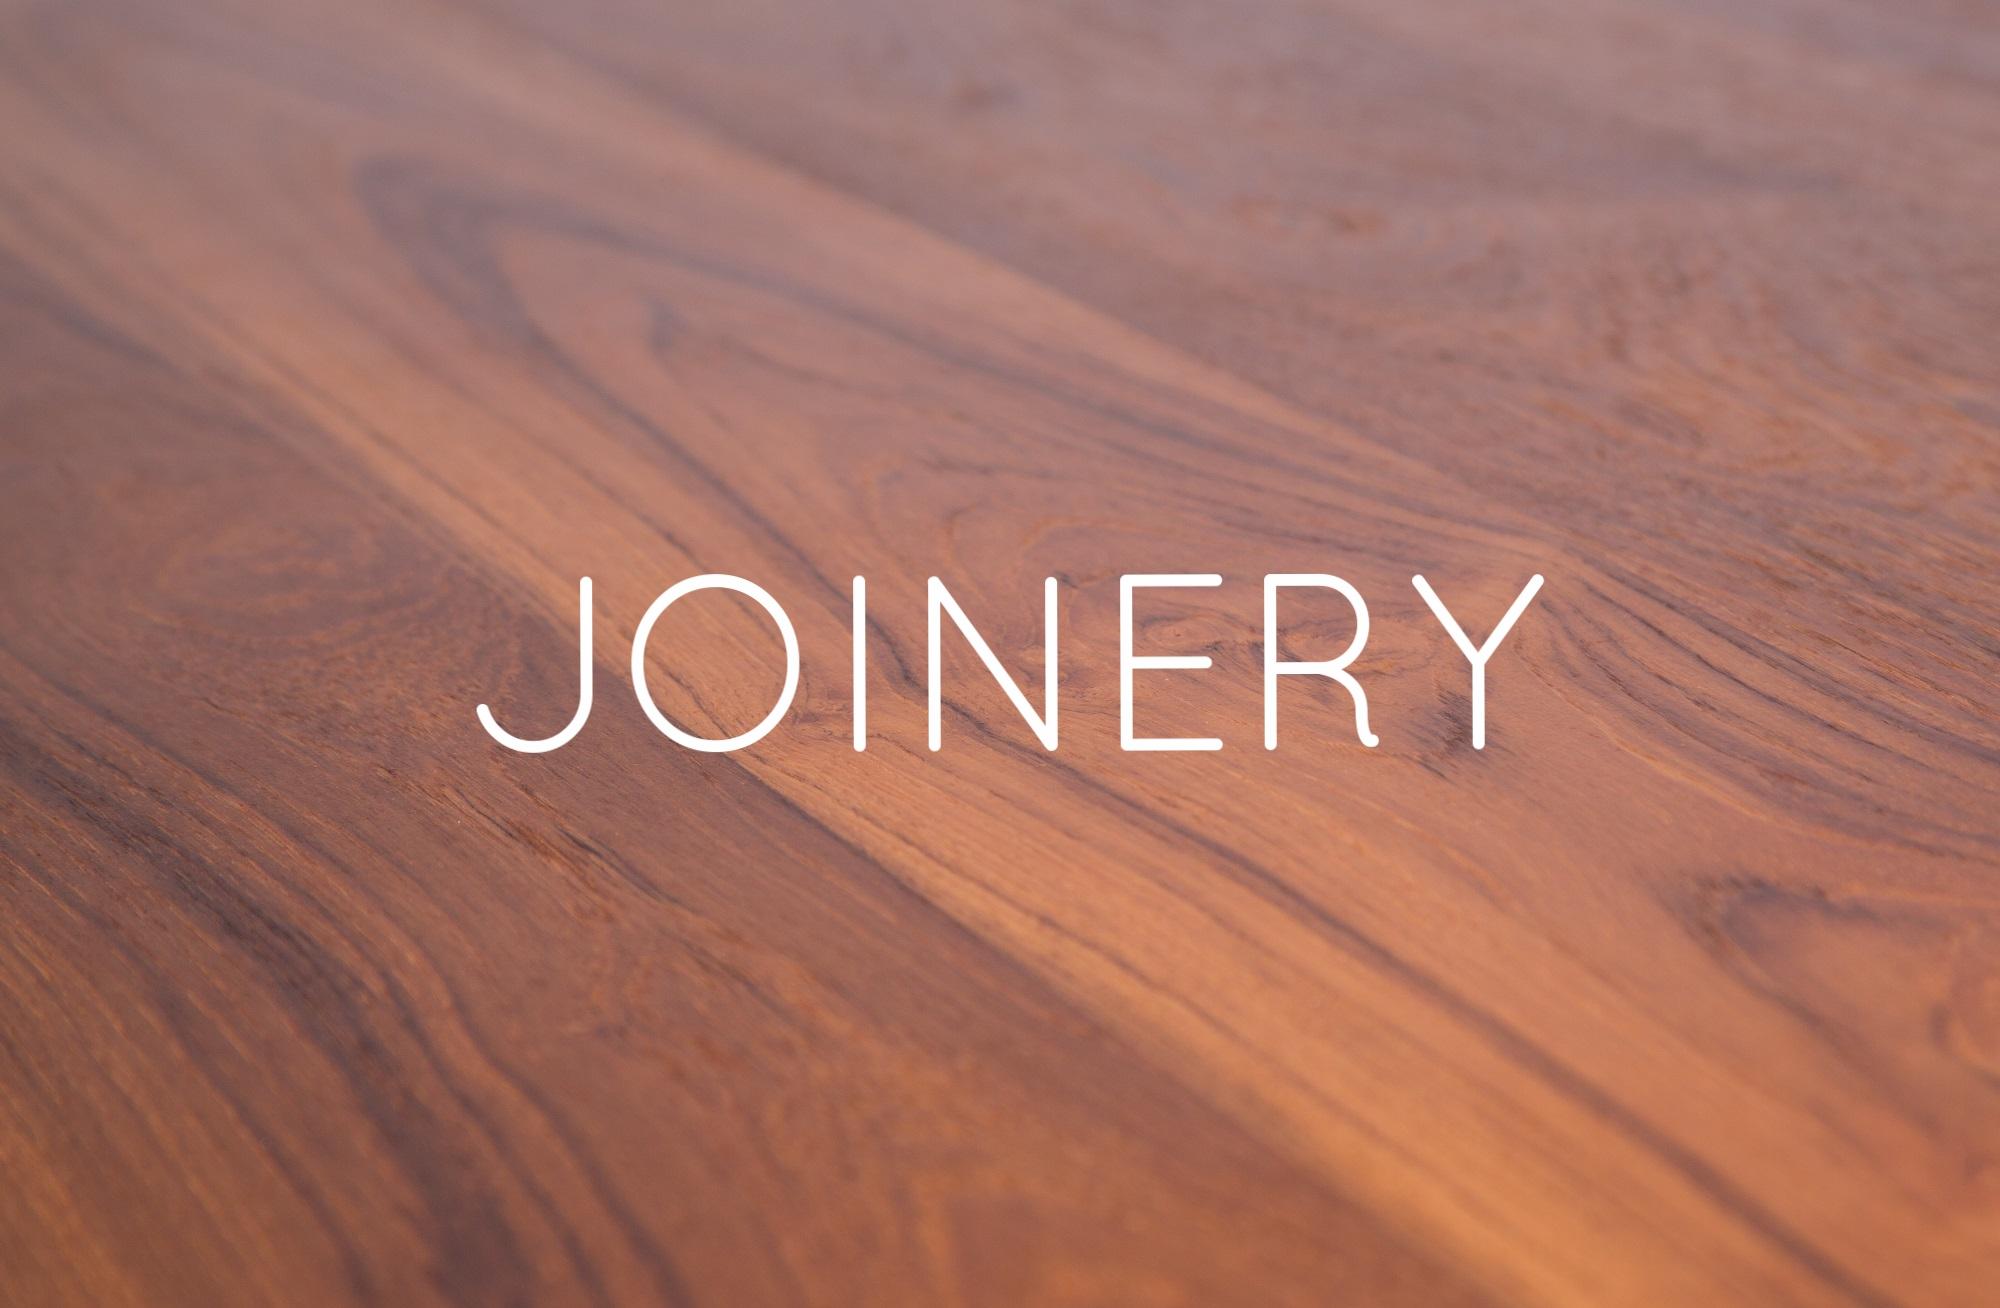 Re4med UK Reclaimed Teak Wood Bespoke Joinery.jpg